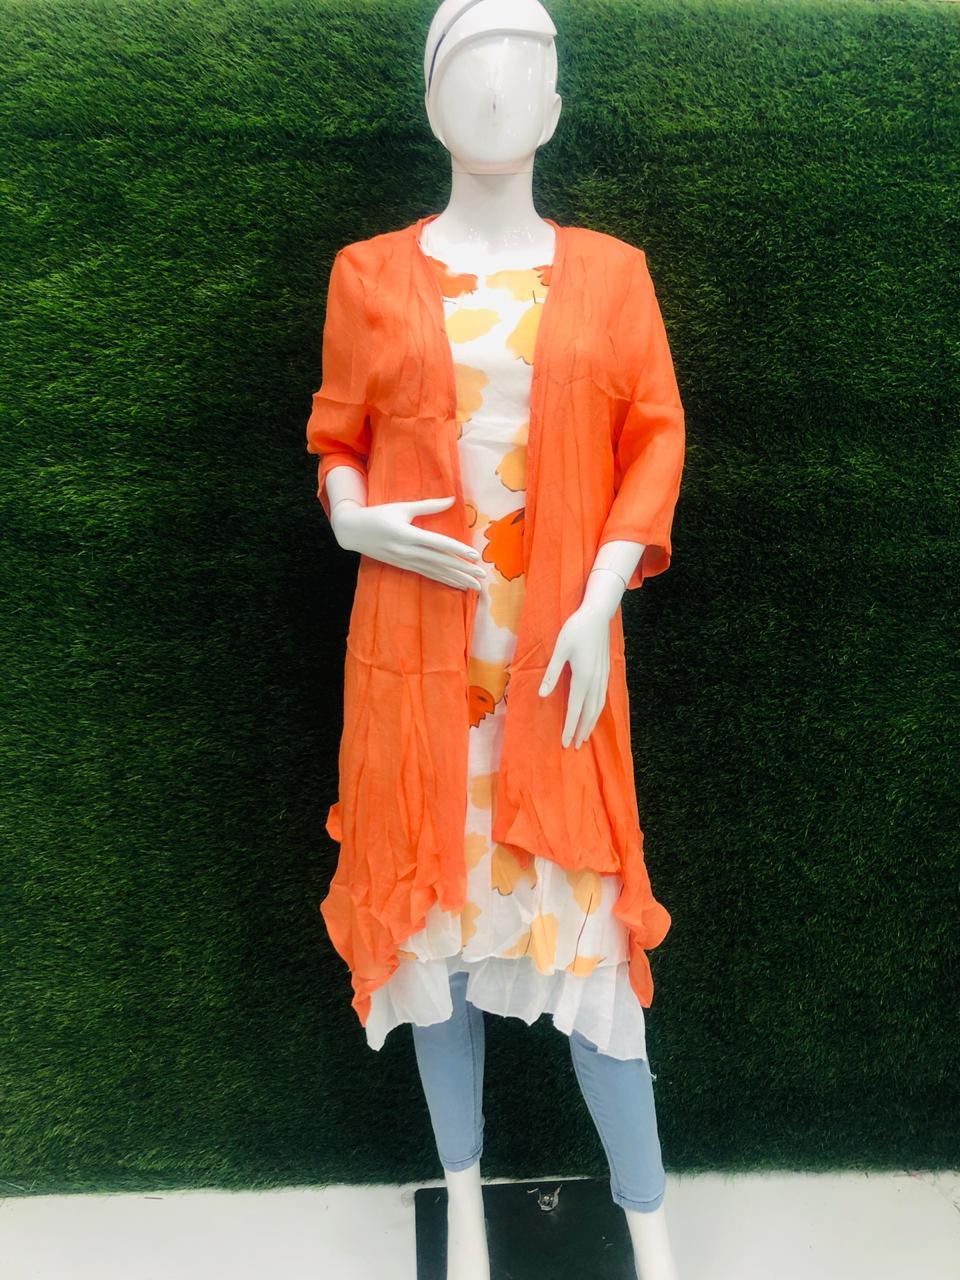 Women's Dress with Shrag